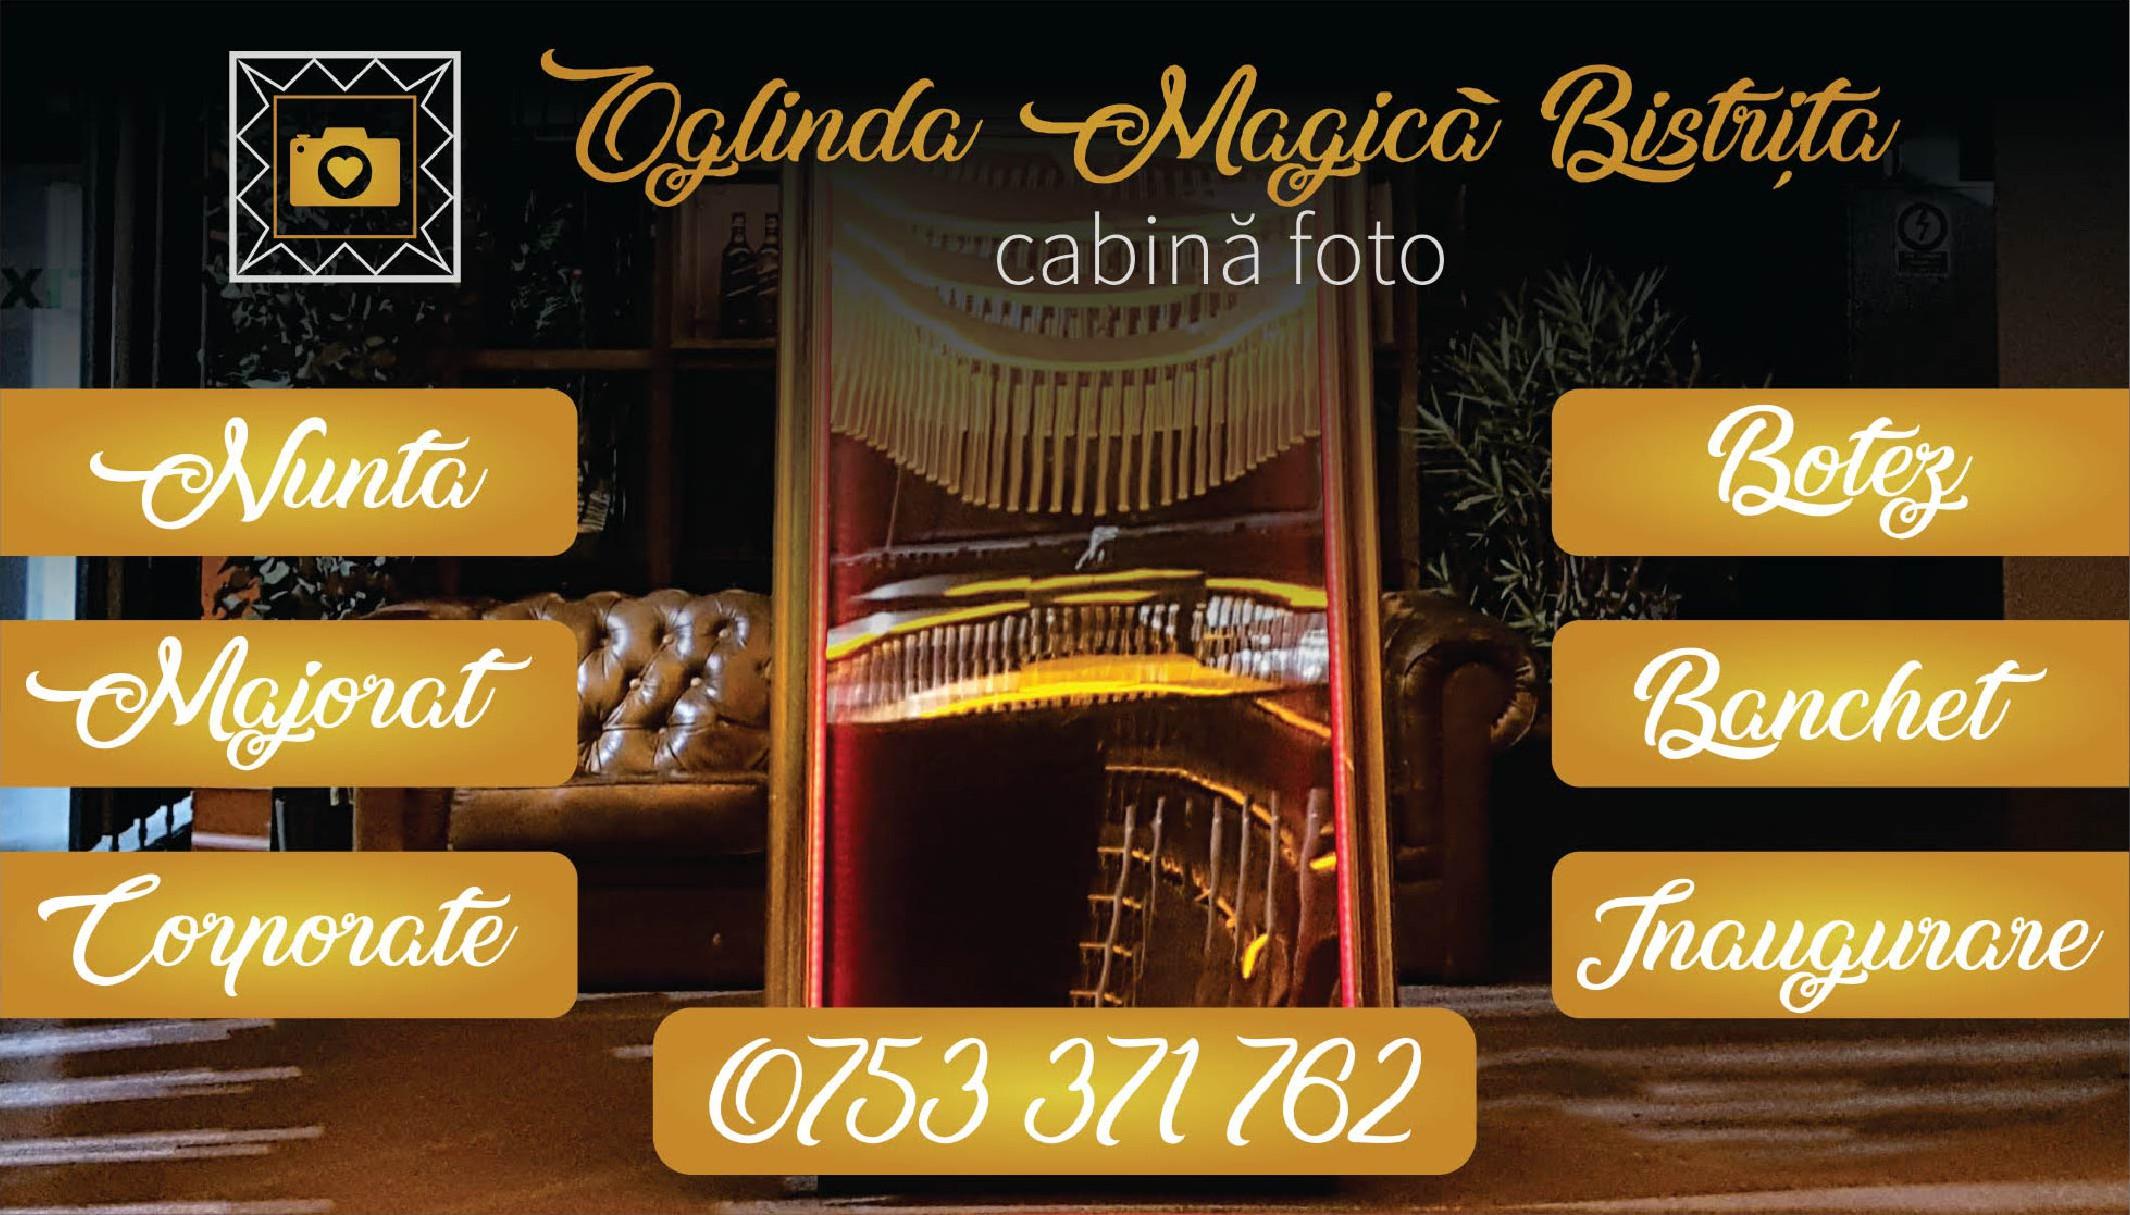 Oglinda Magică Bistrița – Cabină Foto